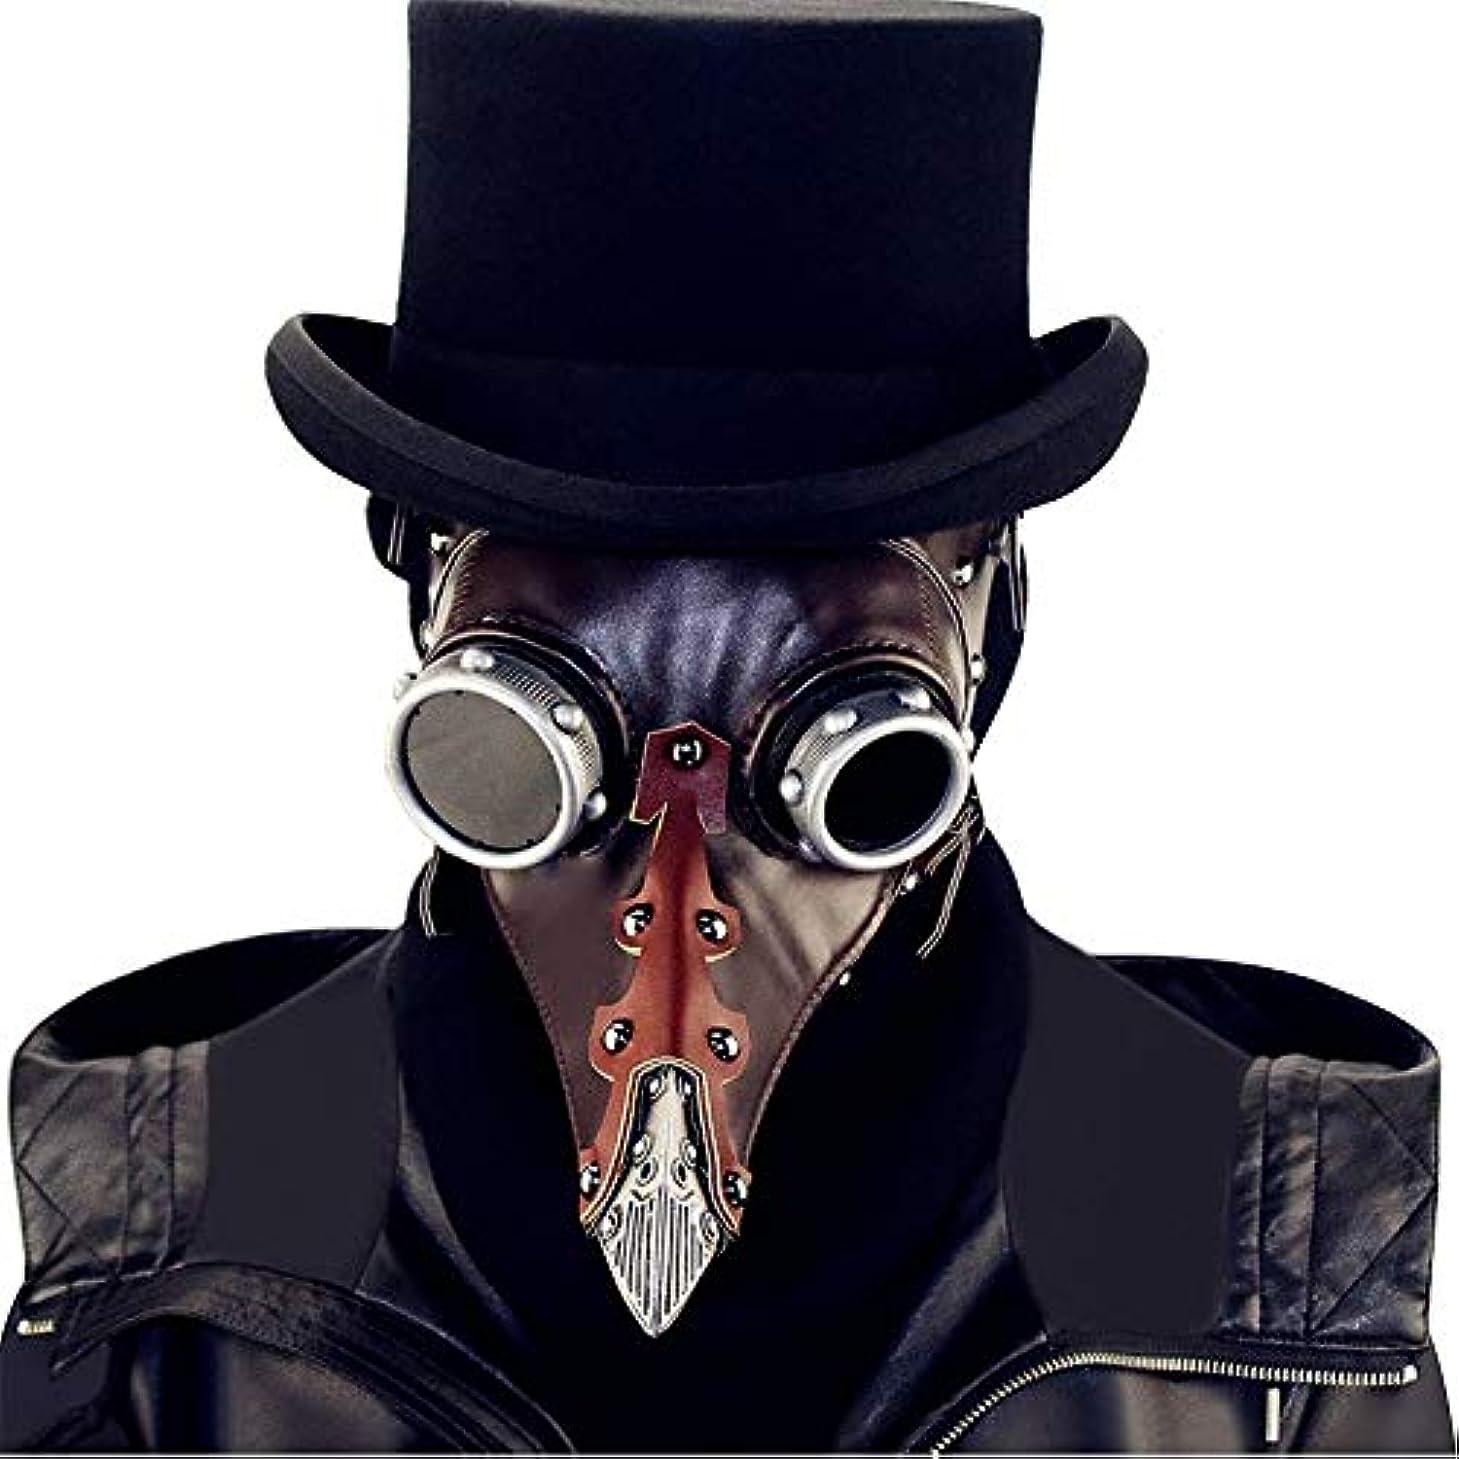 平方現象ジーンズスチームパンクなハロウィーンペストビークドクターマスク